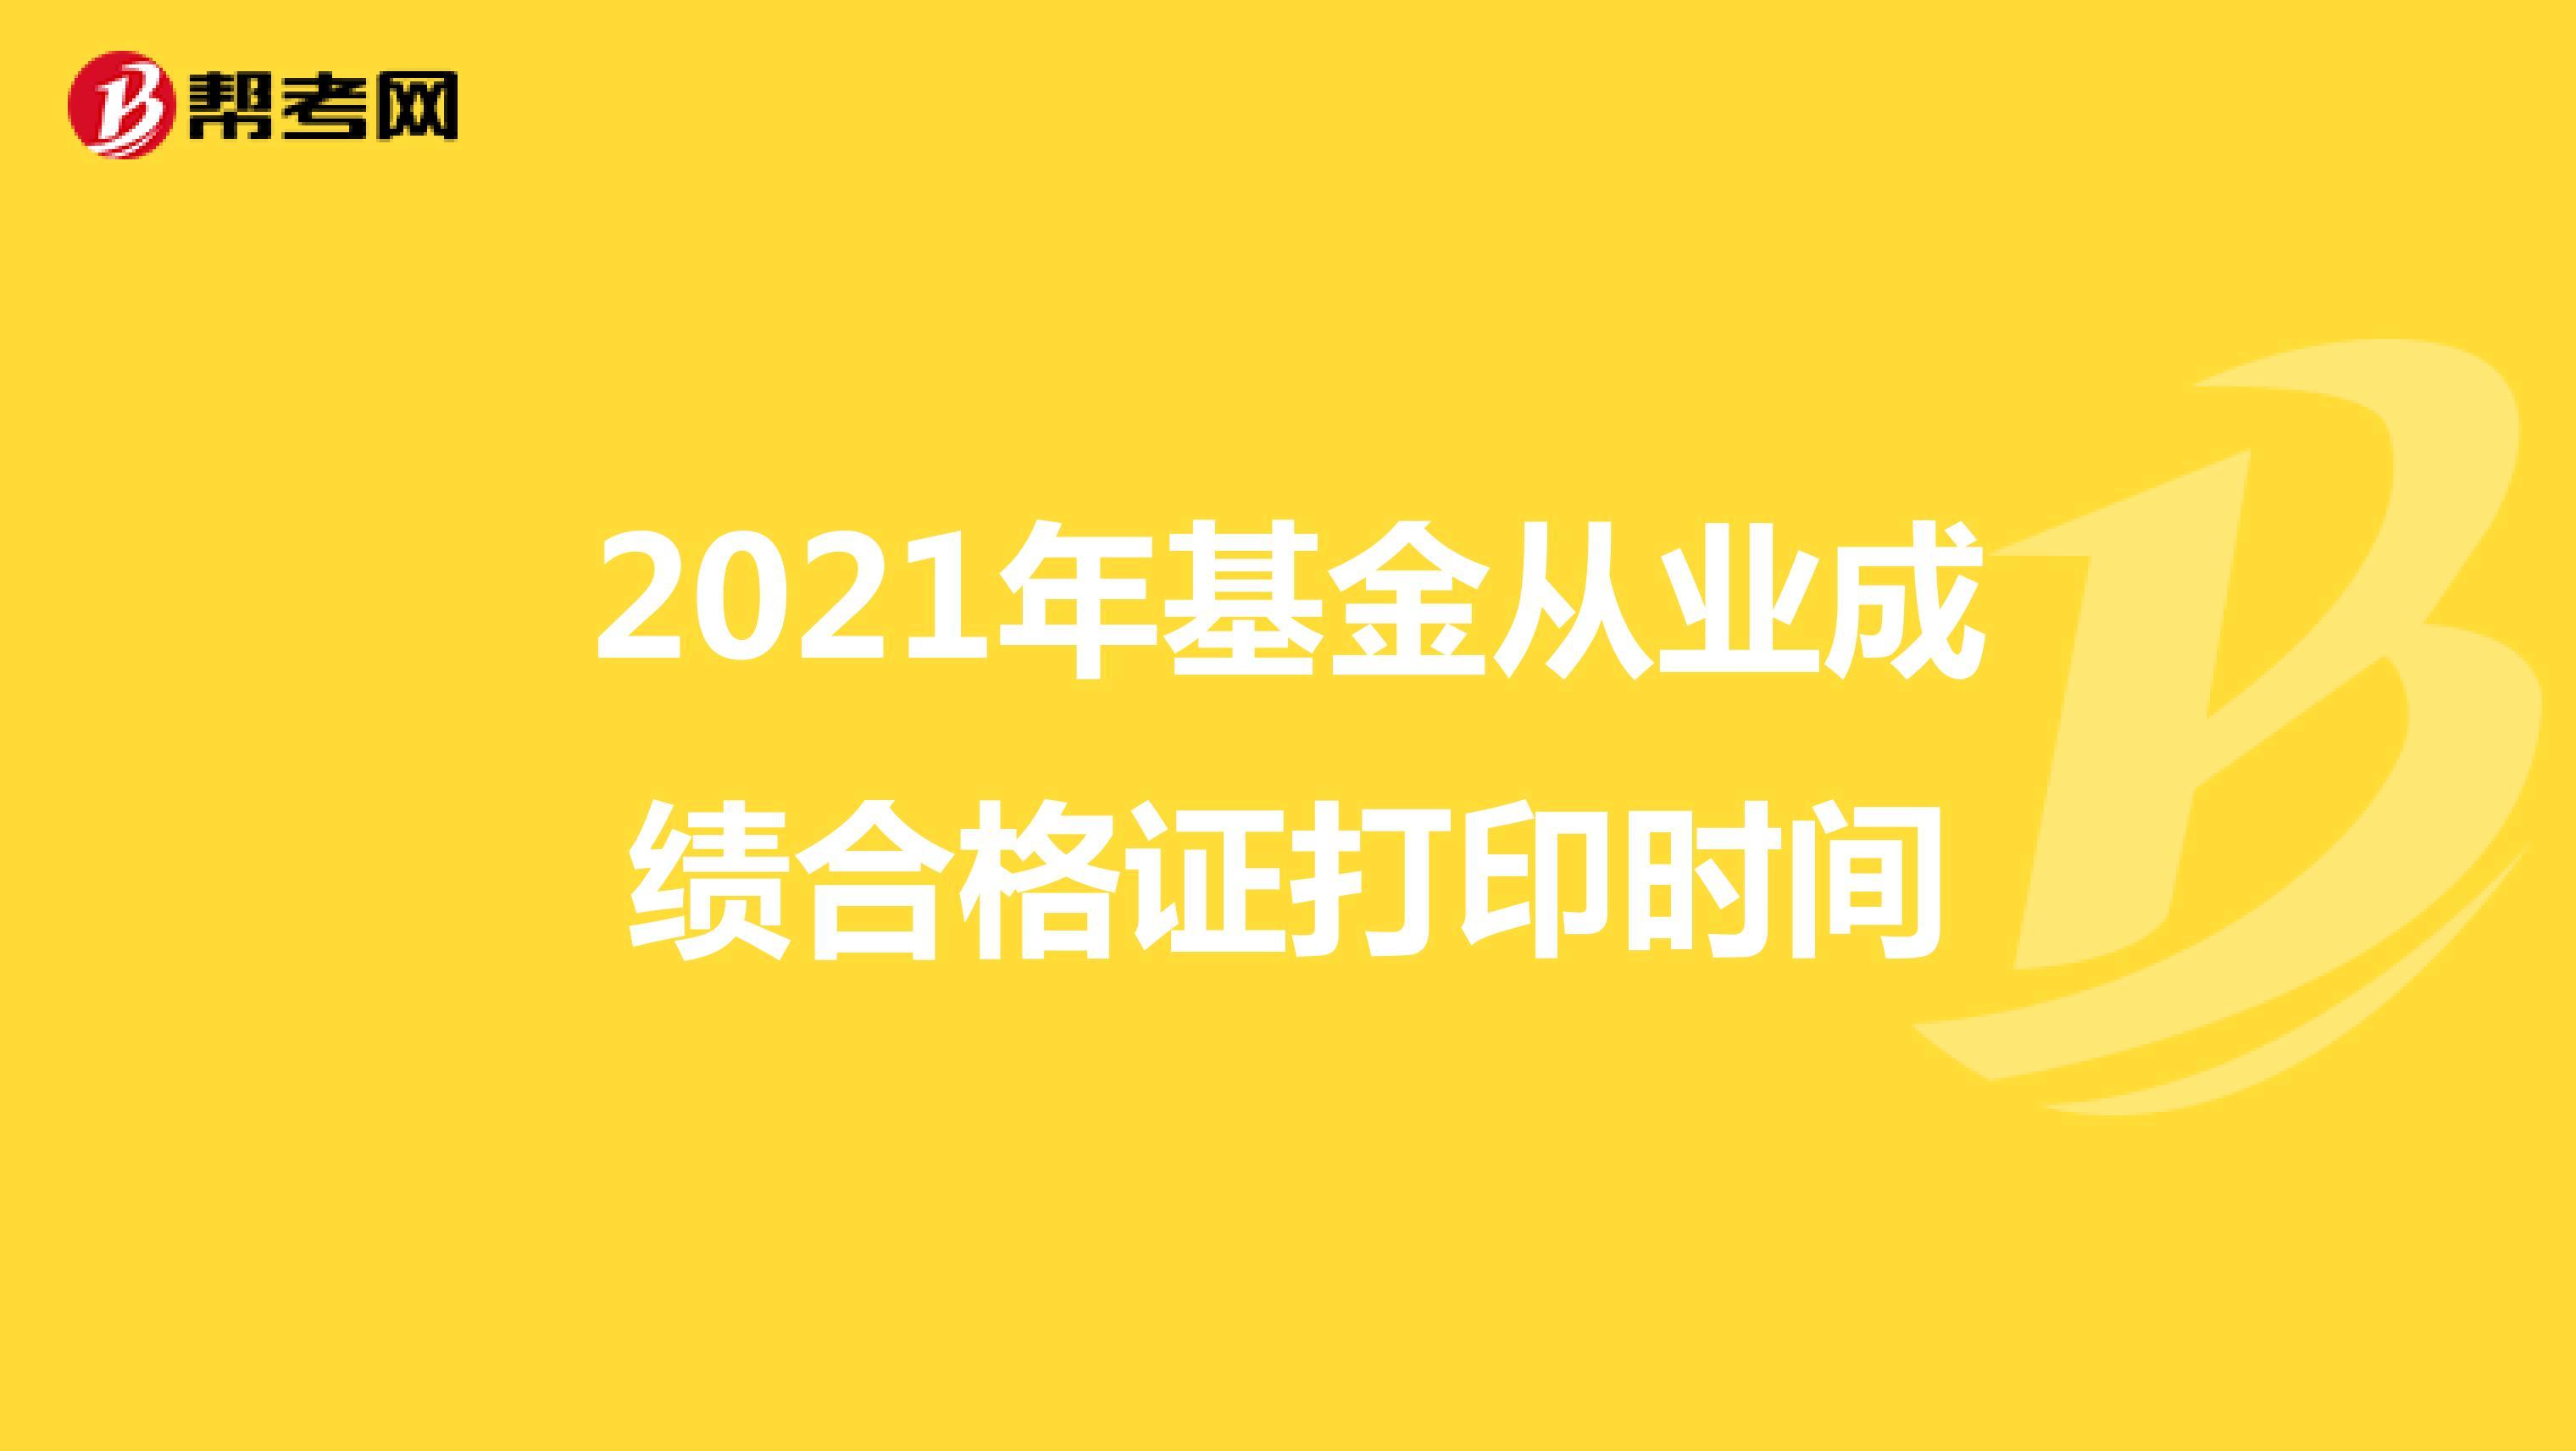 2021年基金从业成绩合格证打印时间